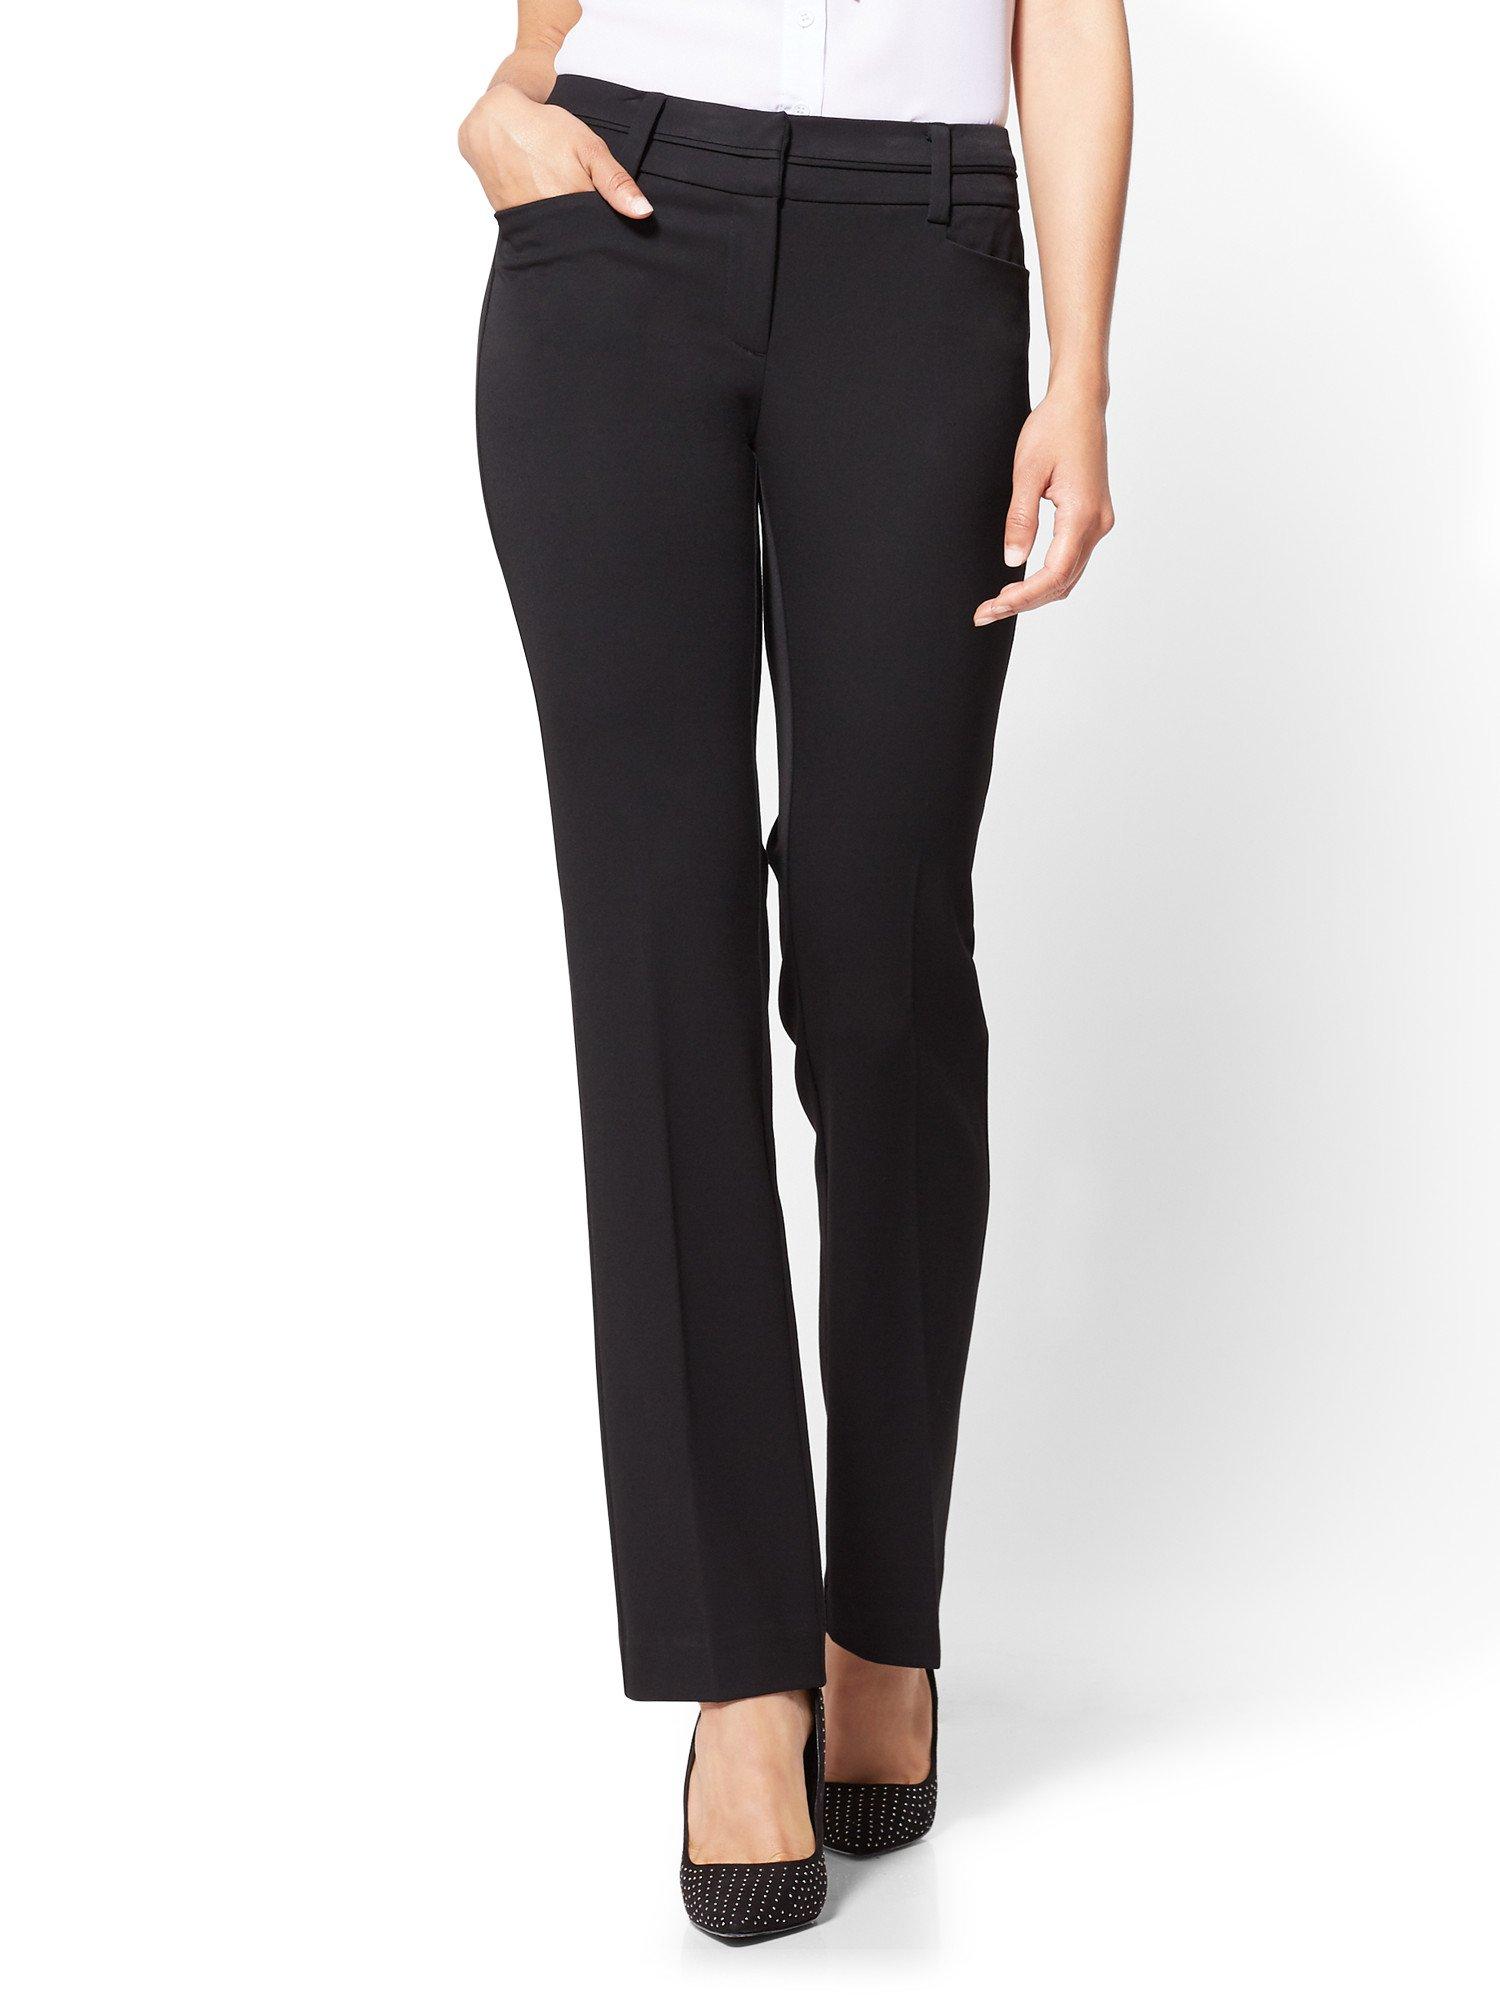 New York & Co. Women's 7Th Avenue Petite Pant - Straight Leg - 12 Black